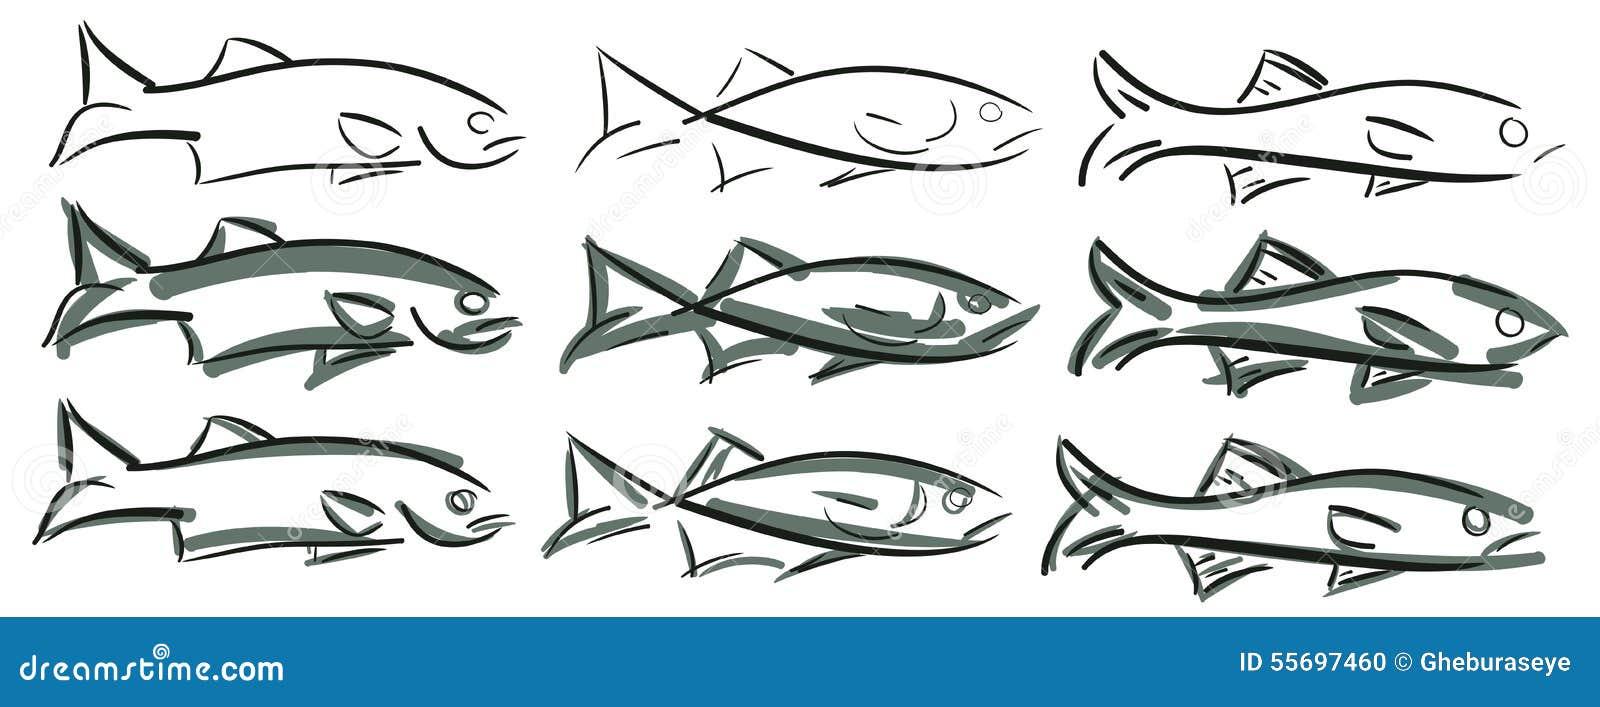 Satz stilisierte Fische